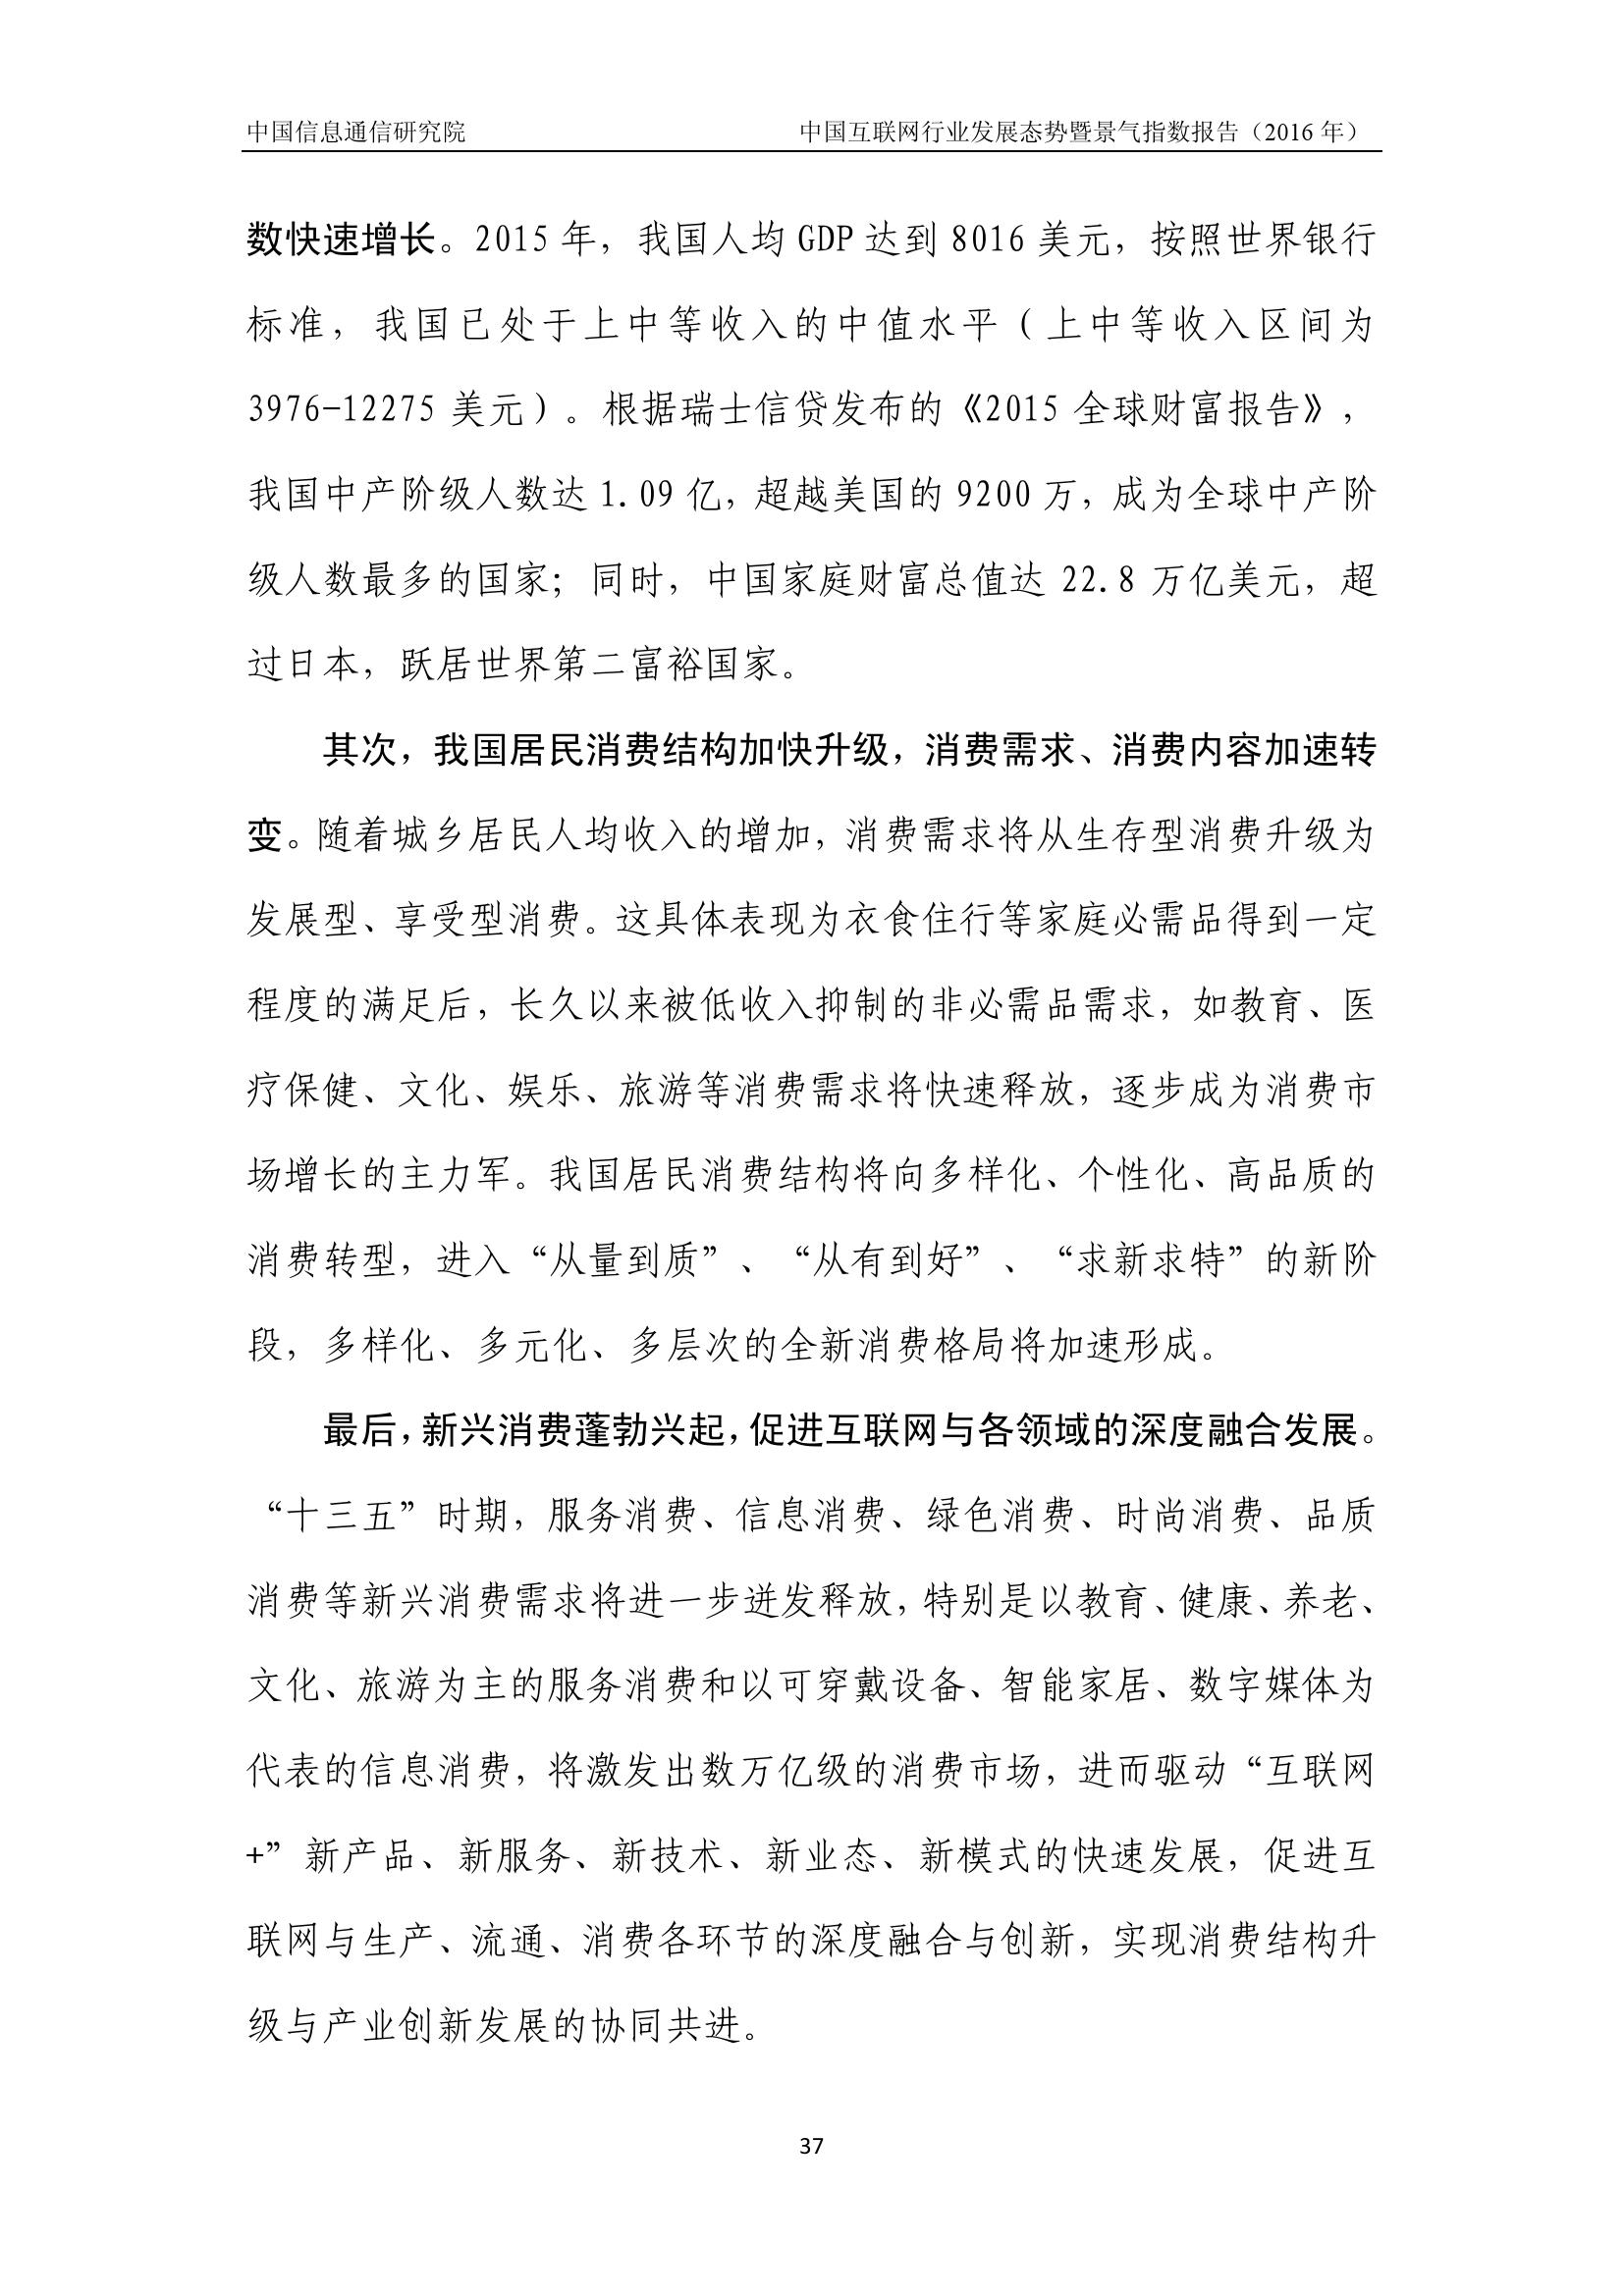 2016年中国互联网行业发展态势暨景气指数报告_000041